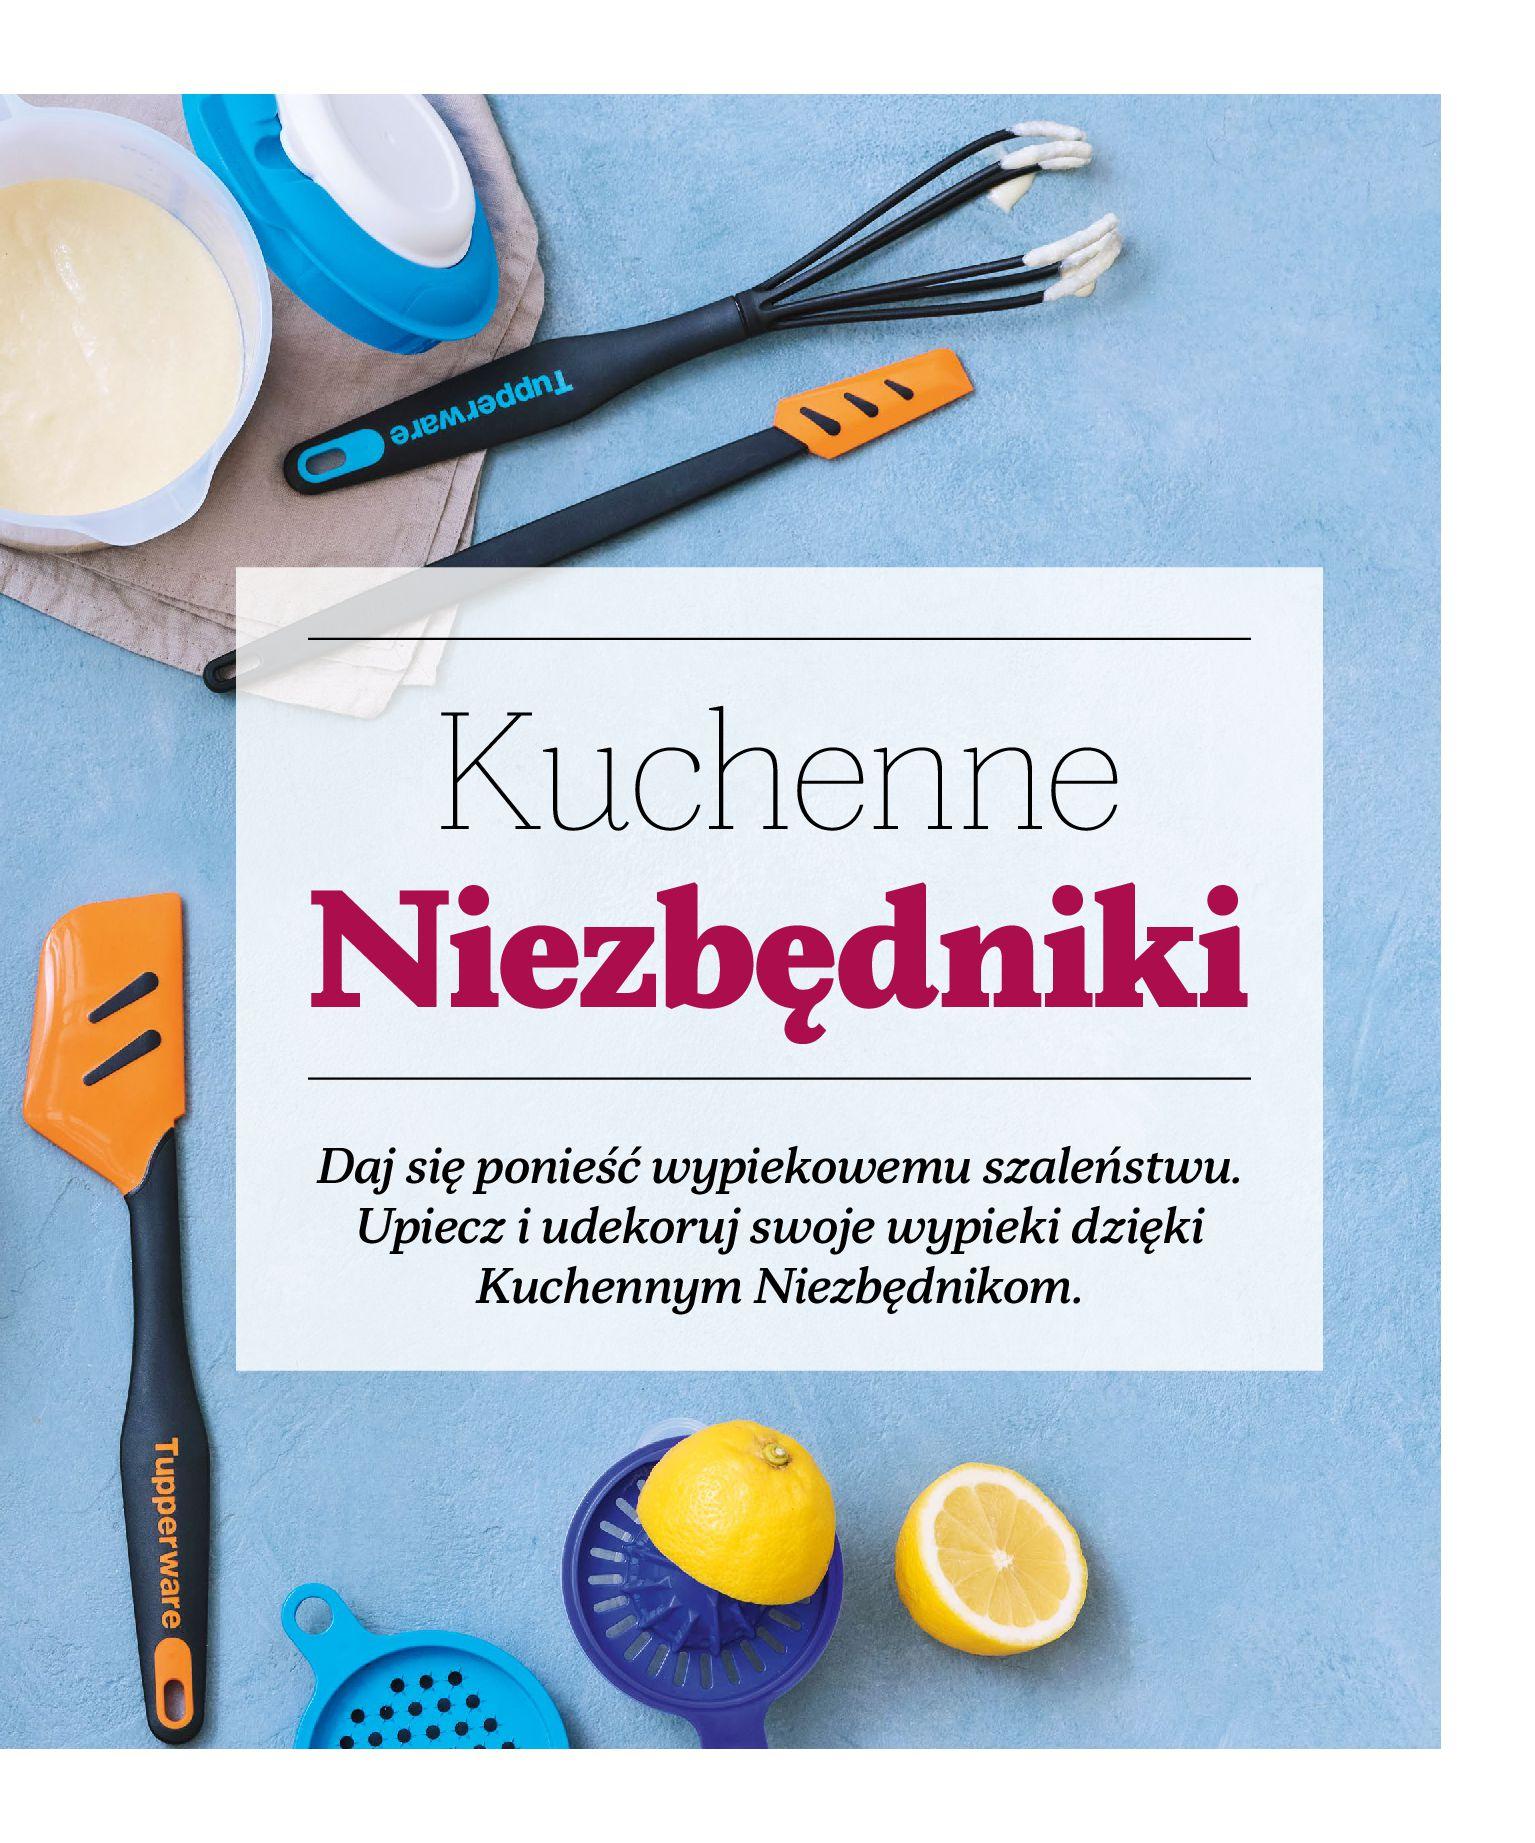 Gazetka Tupperware: Katalog jesień/zima 2021-02-17 page-19